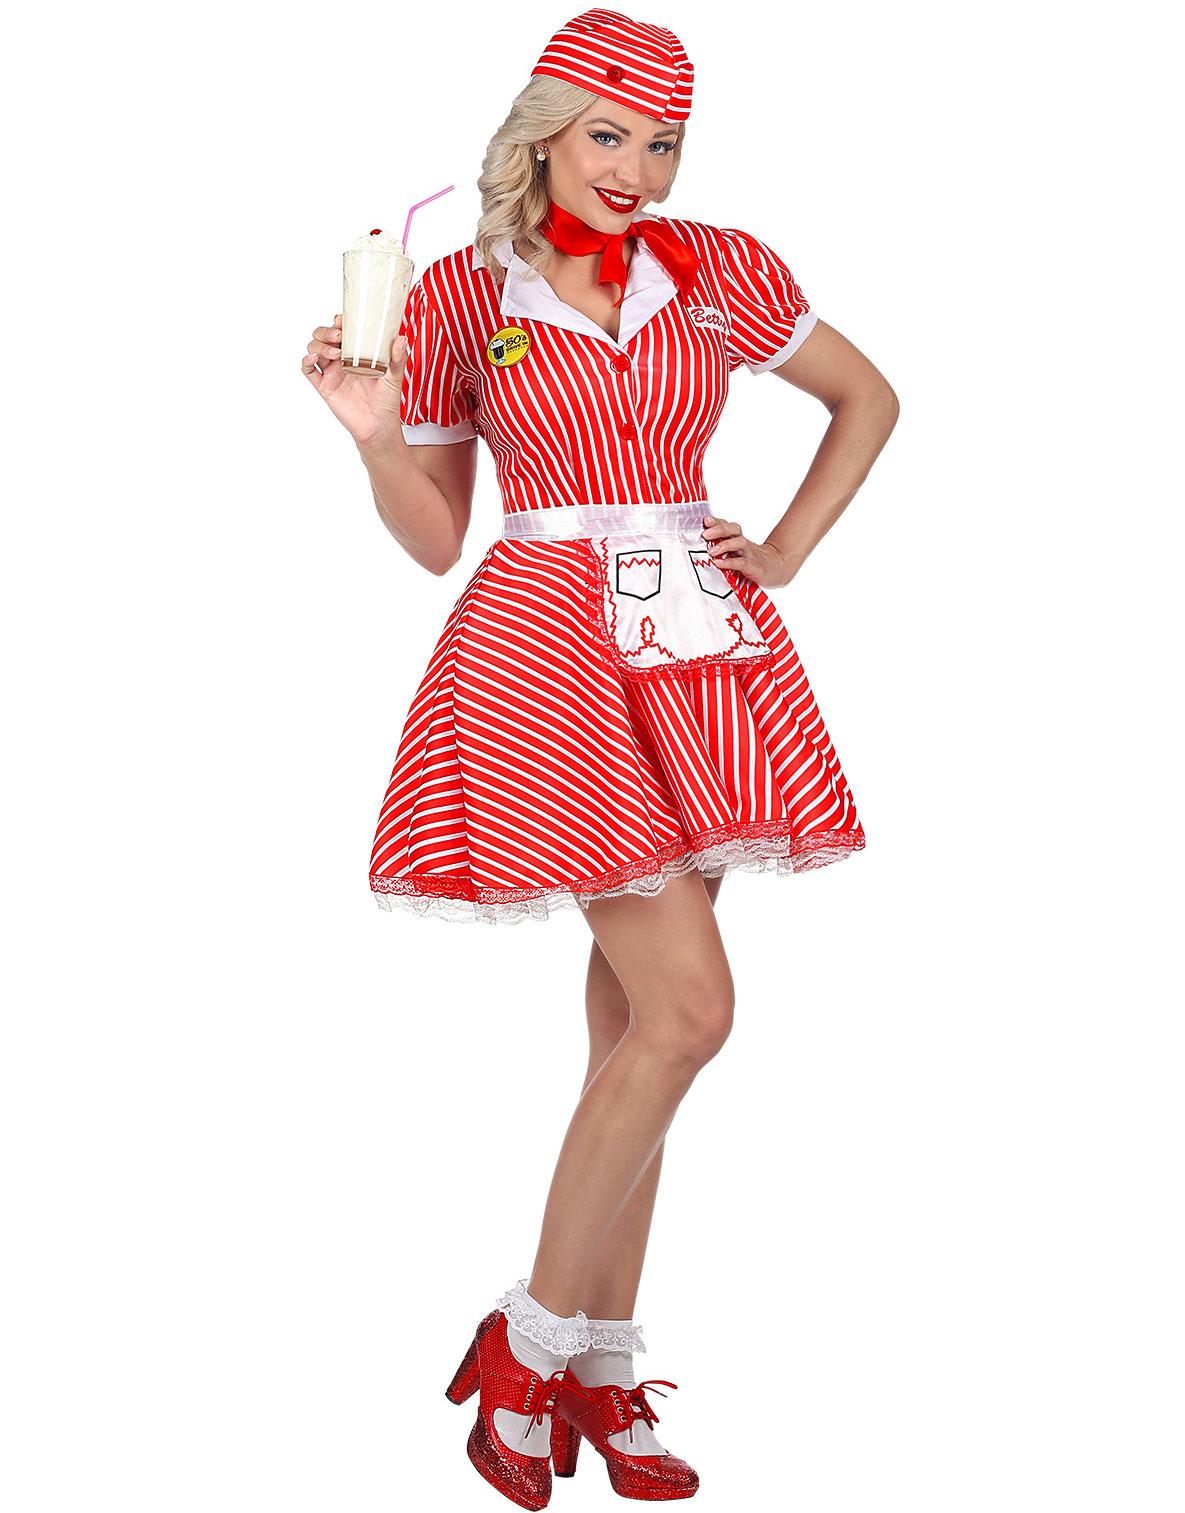 50 talls Servitør Kostyme til Dame